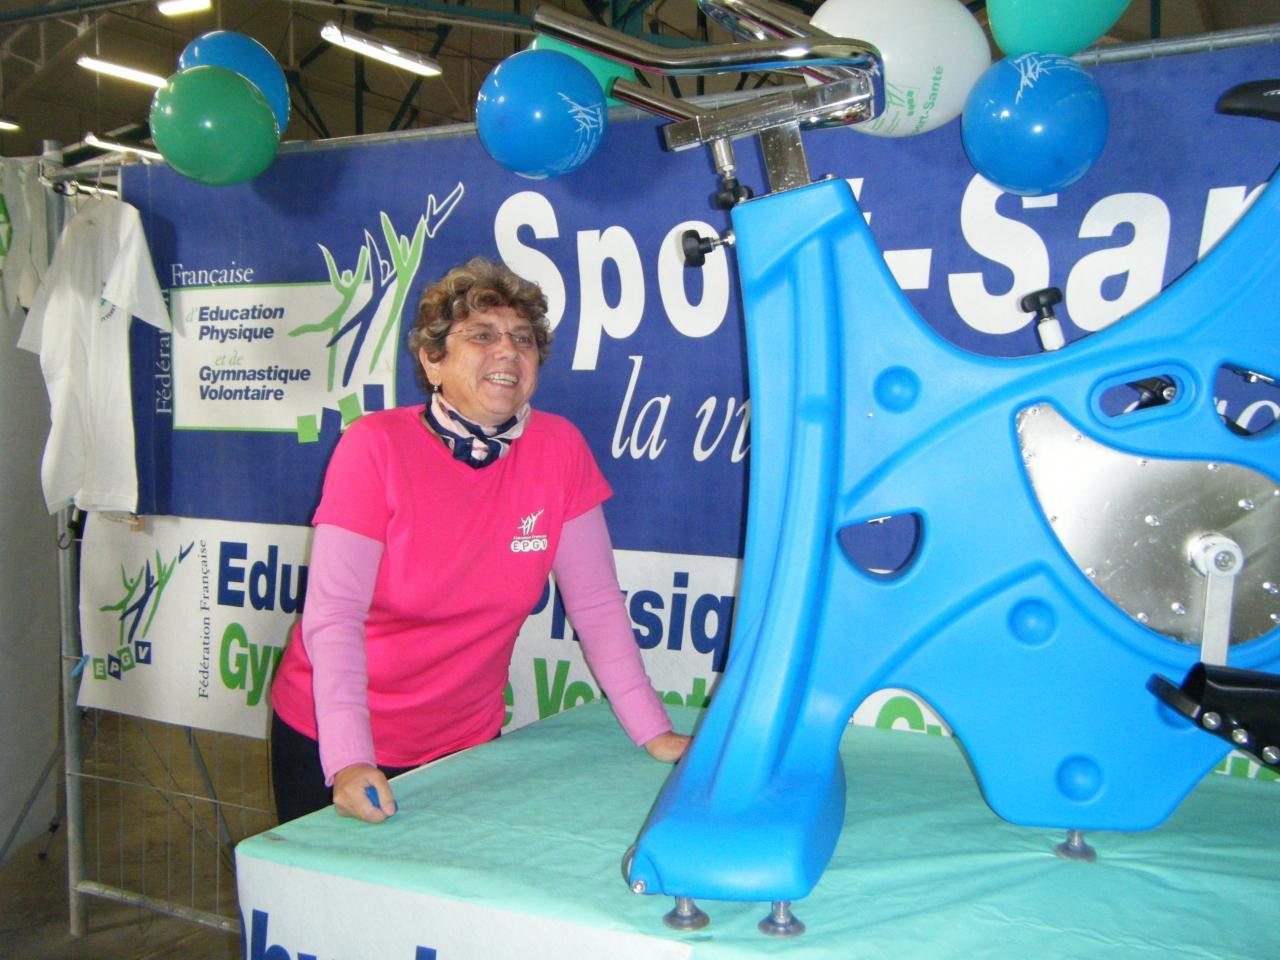 Marie-France prend la pose à côté d'un vélo aquatique